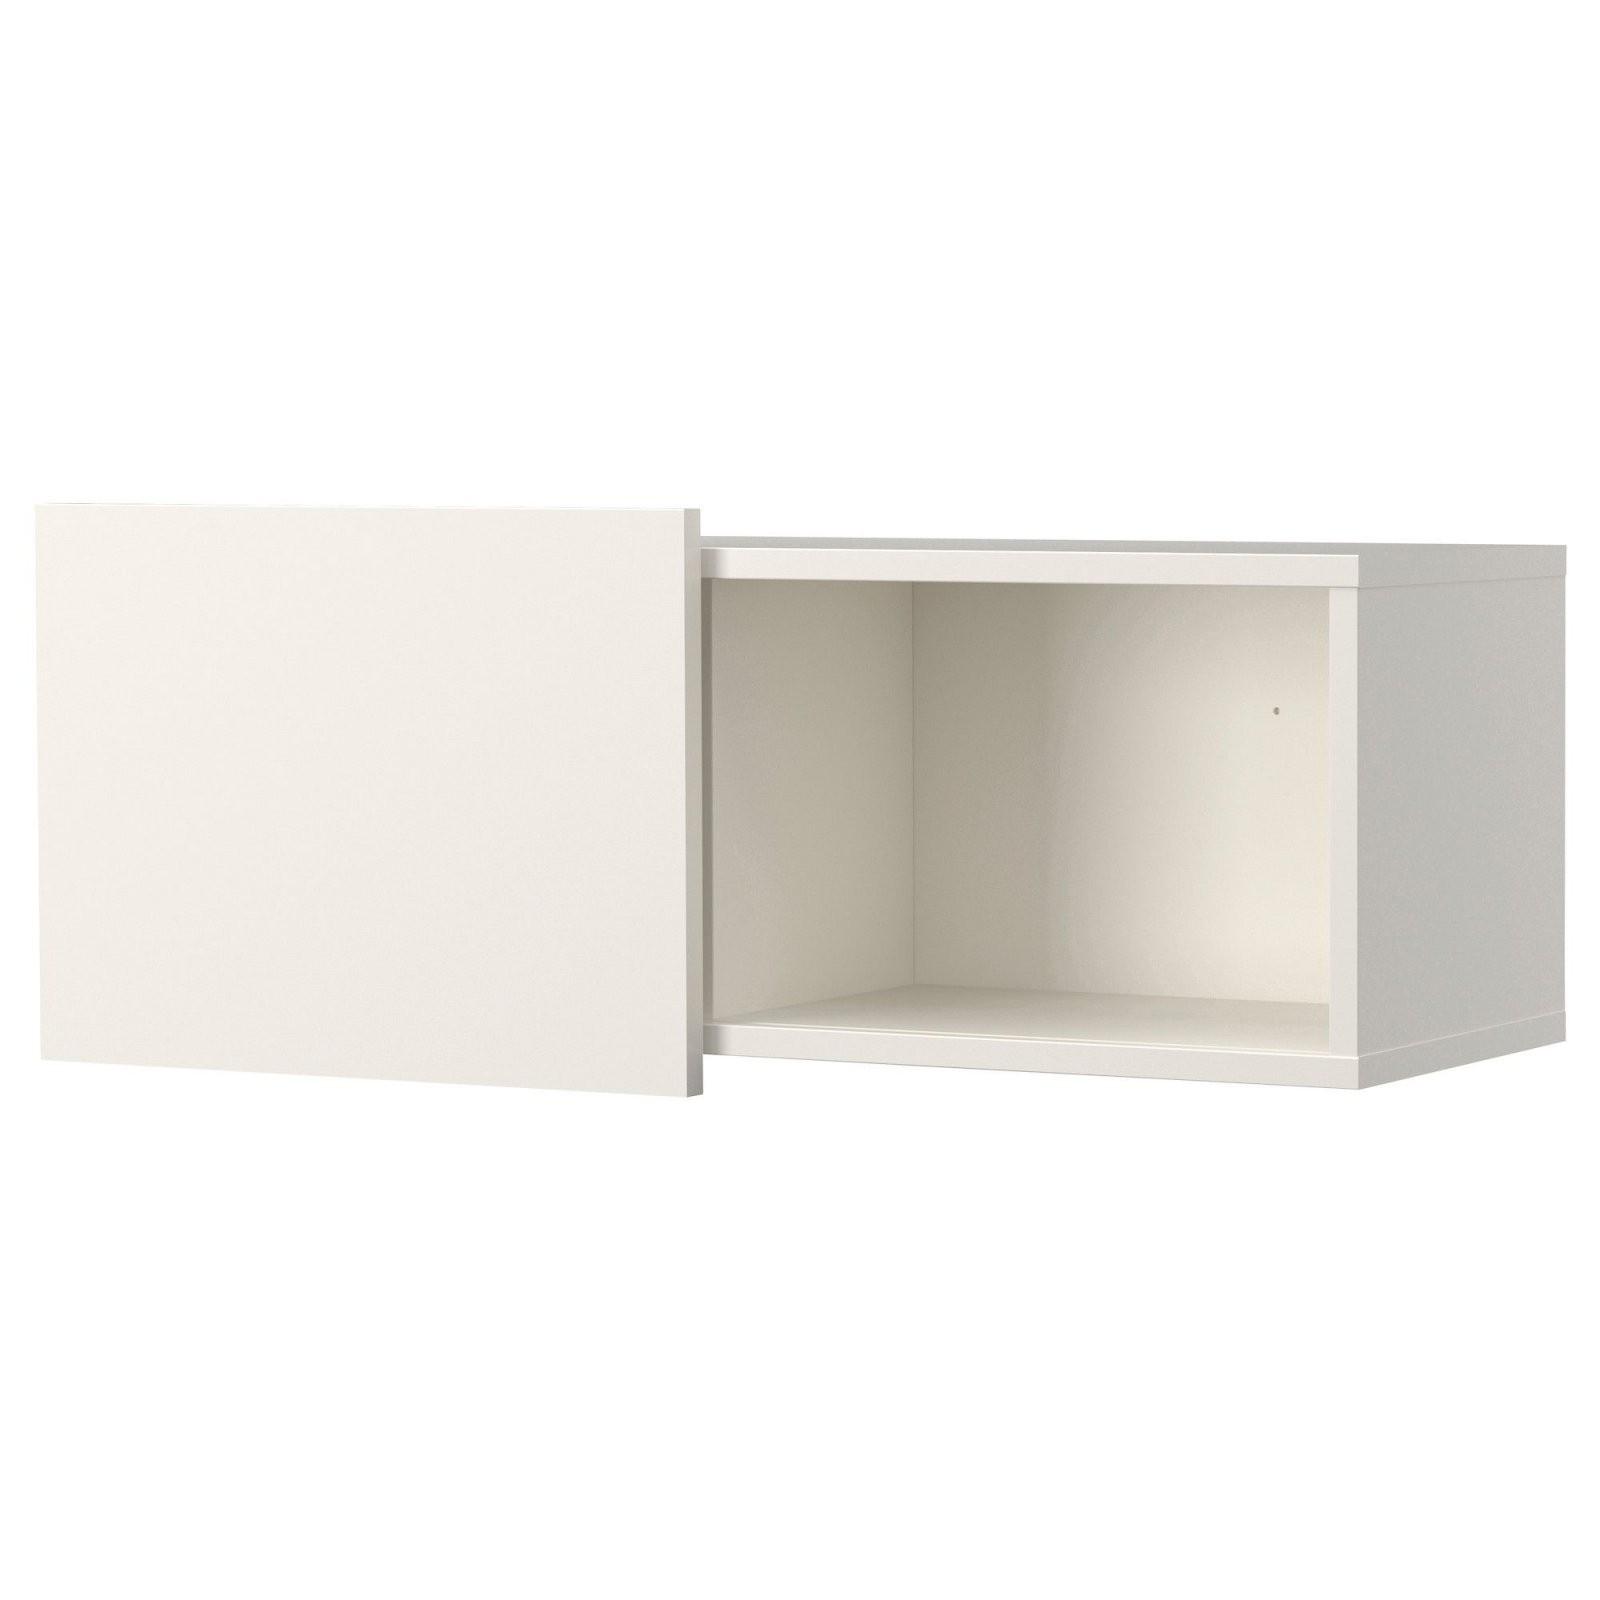 Möbel  Einrichtungsideen Für Dein Zuhause  *** Zimmer von Sideboard Mit Schiebetüren Ikea Photo